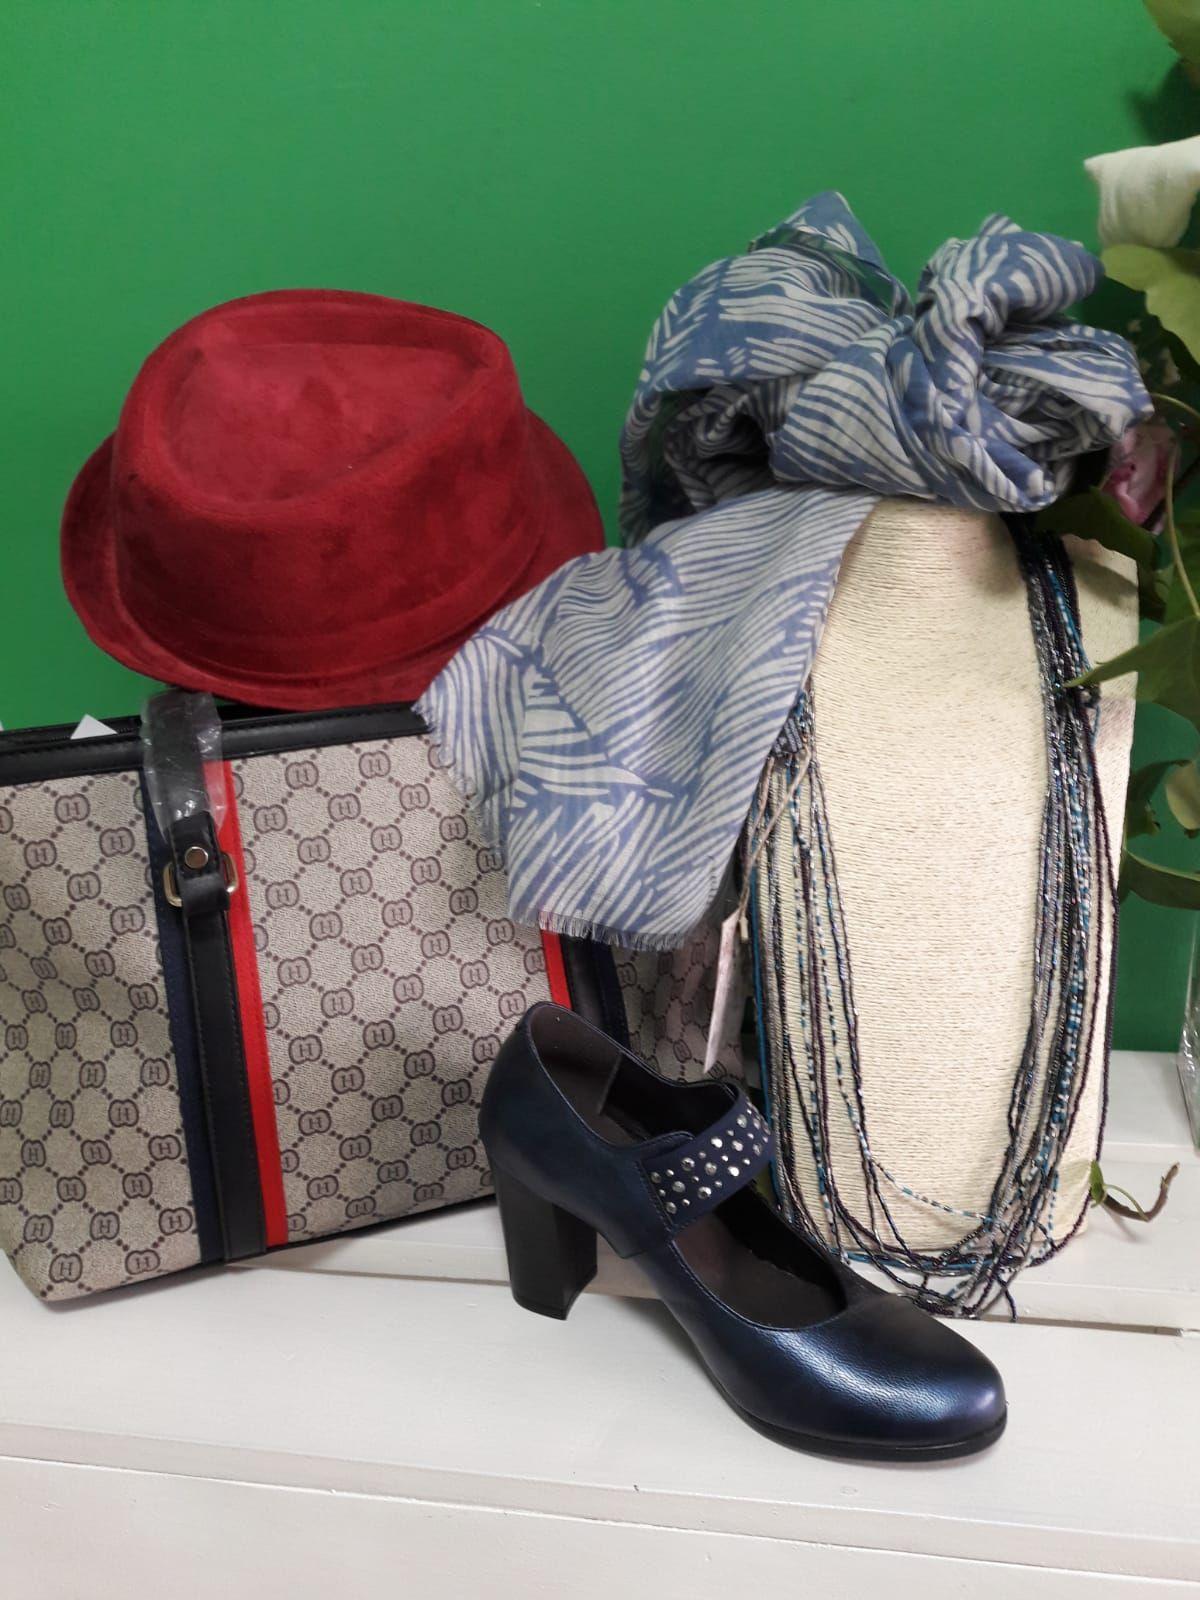 Calzado, complementos y accesorios